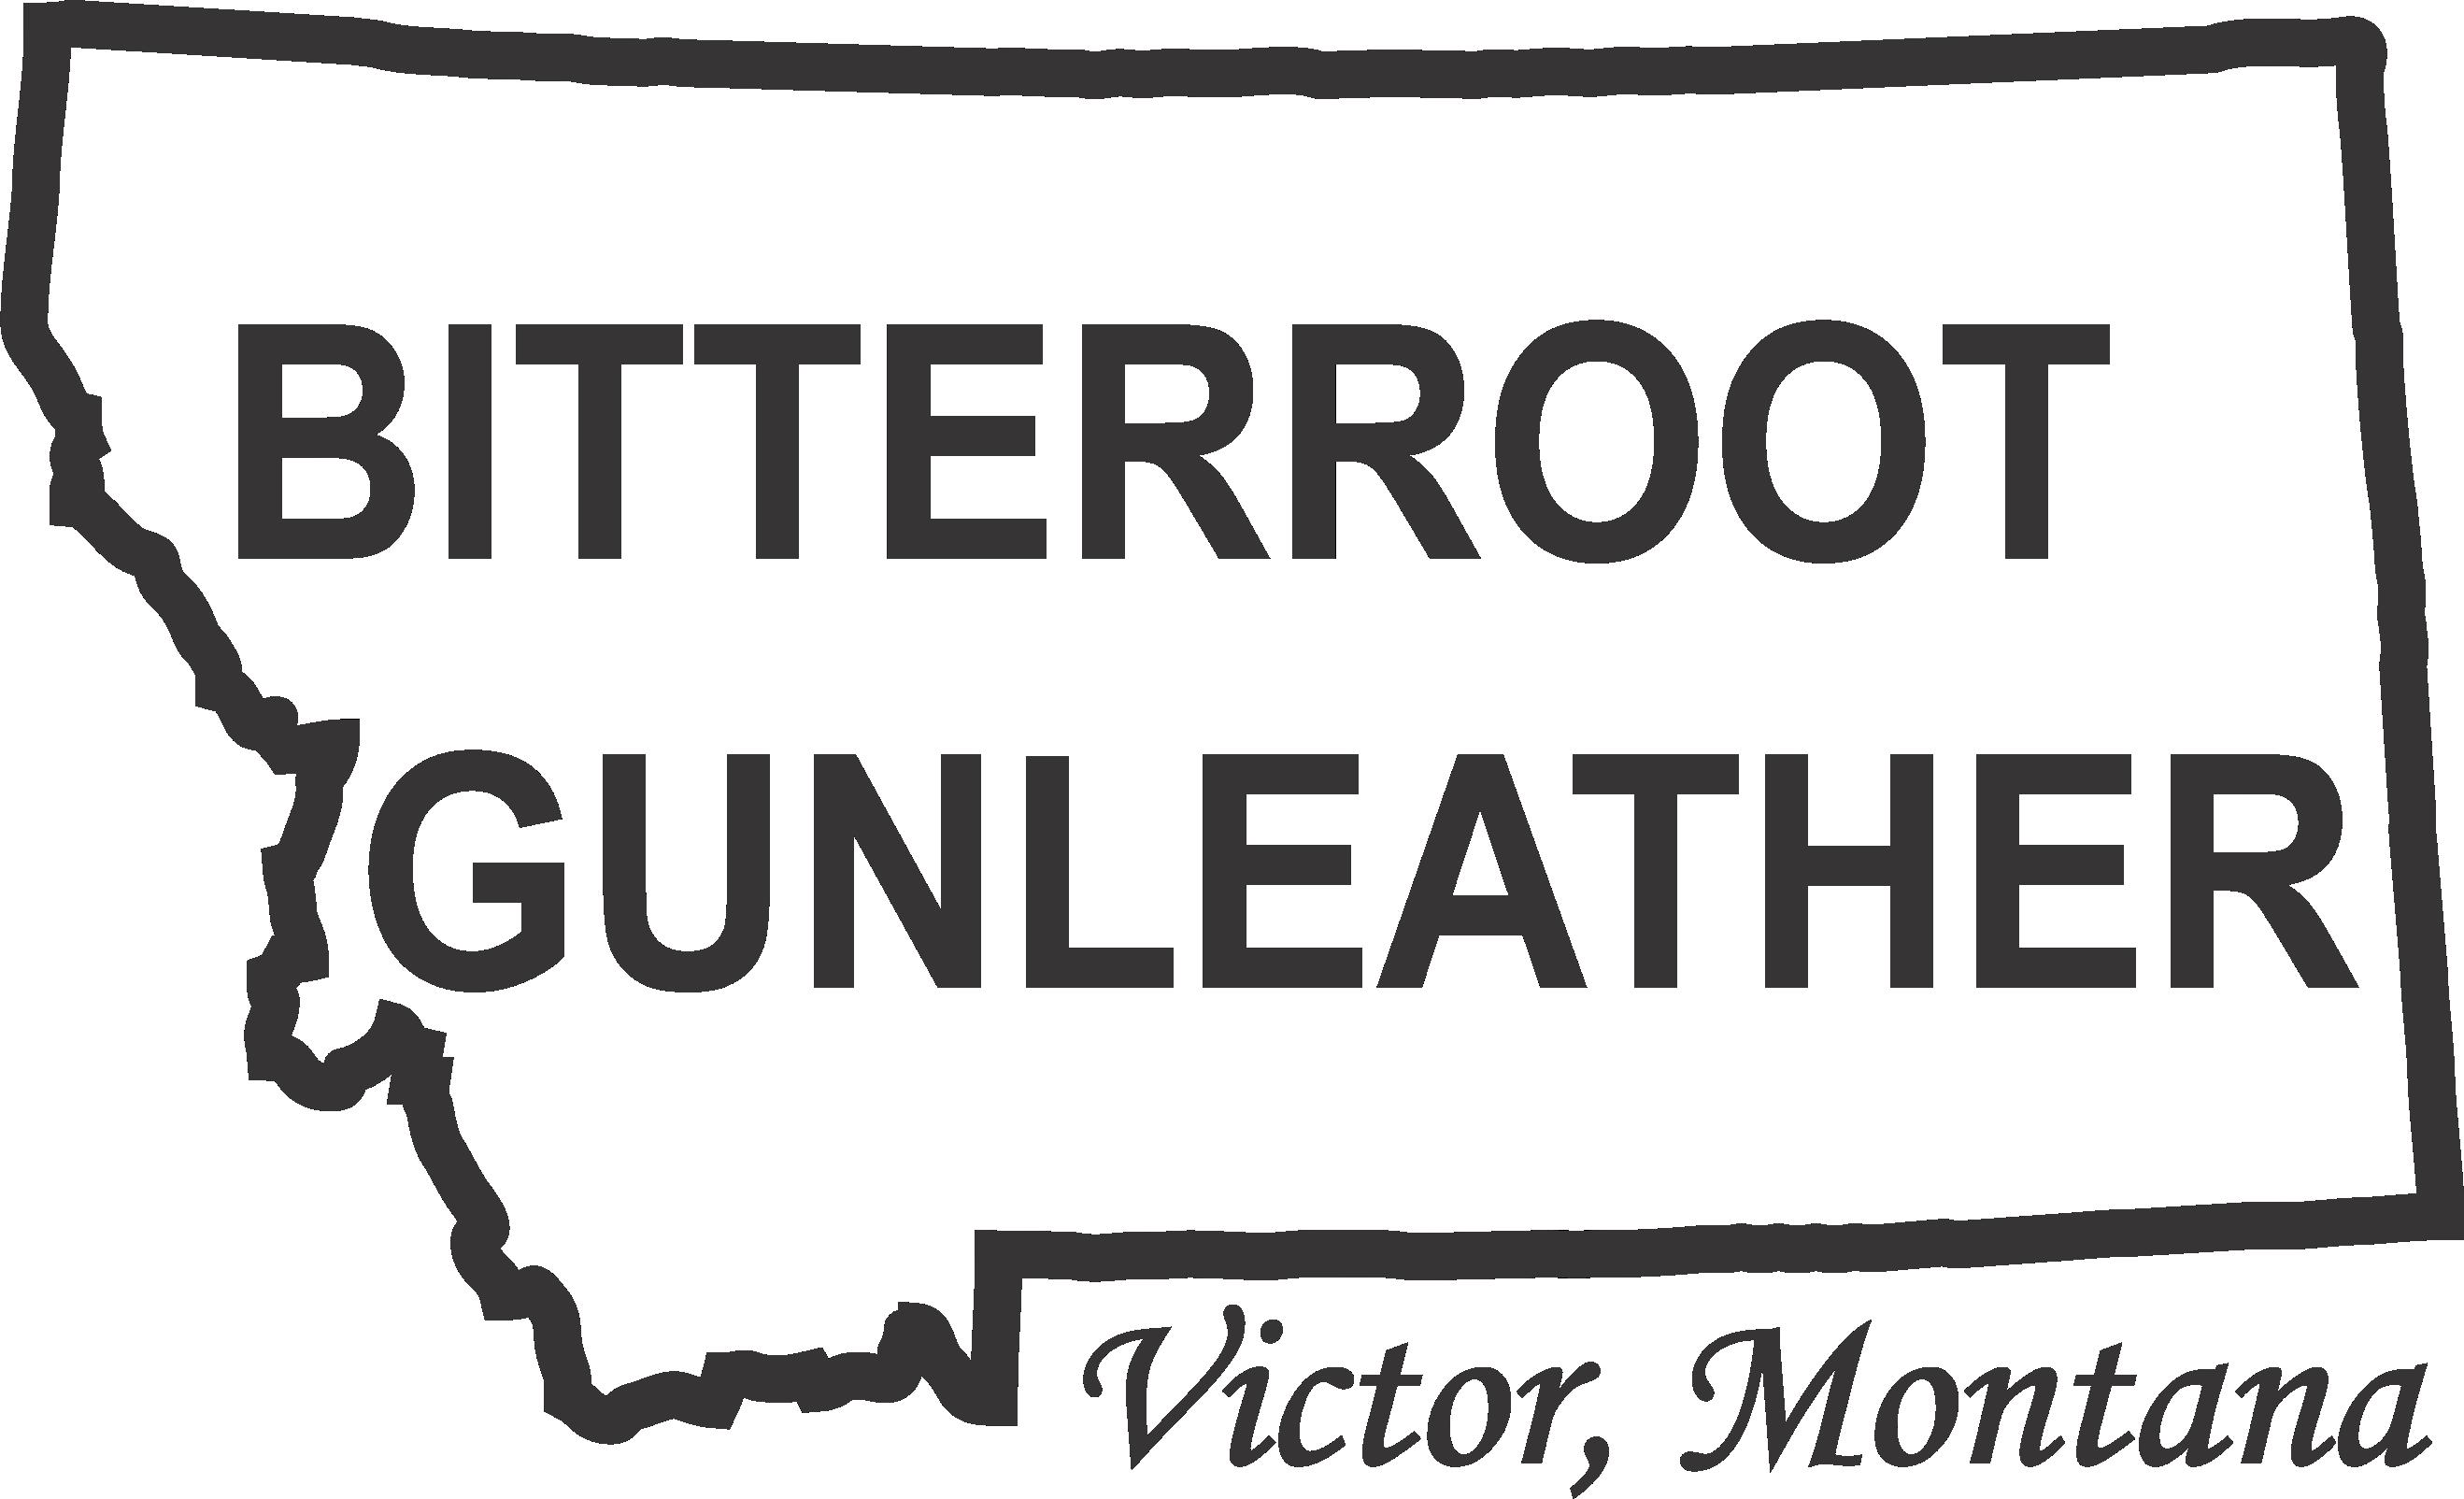 Bitterroot Gunleather